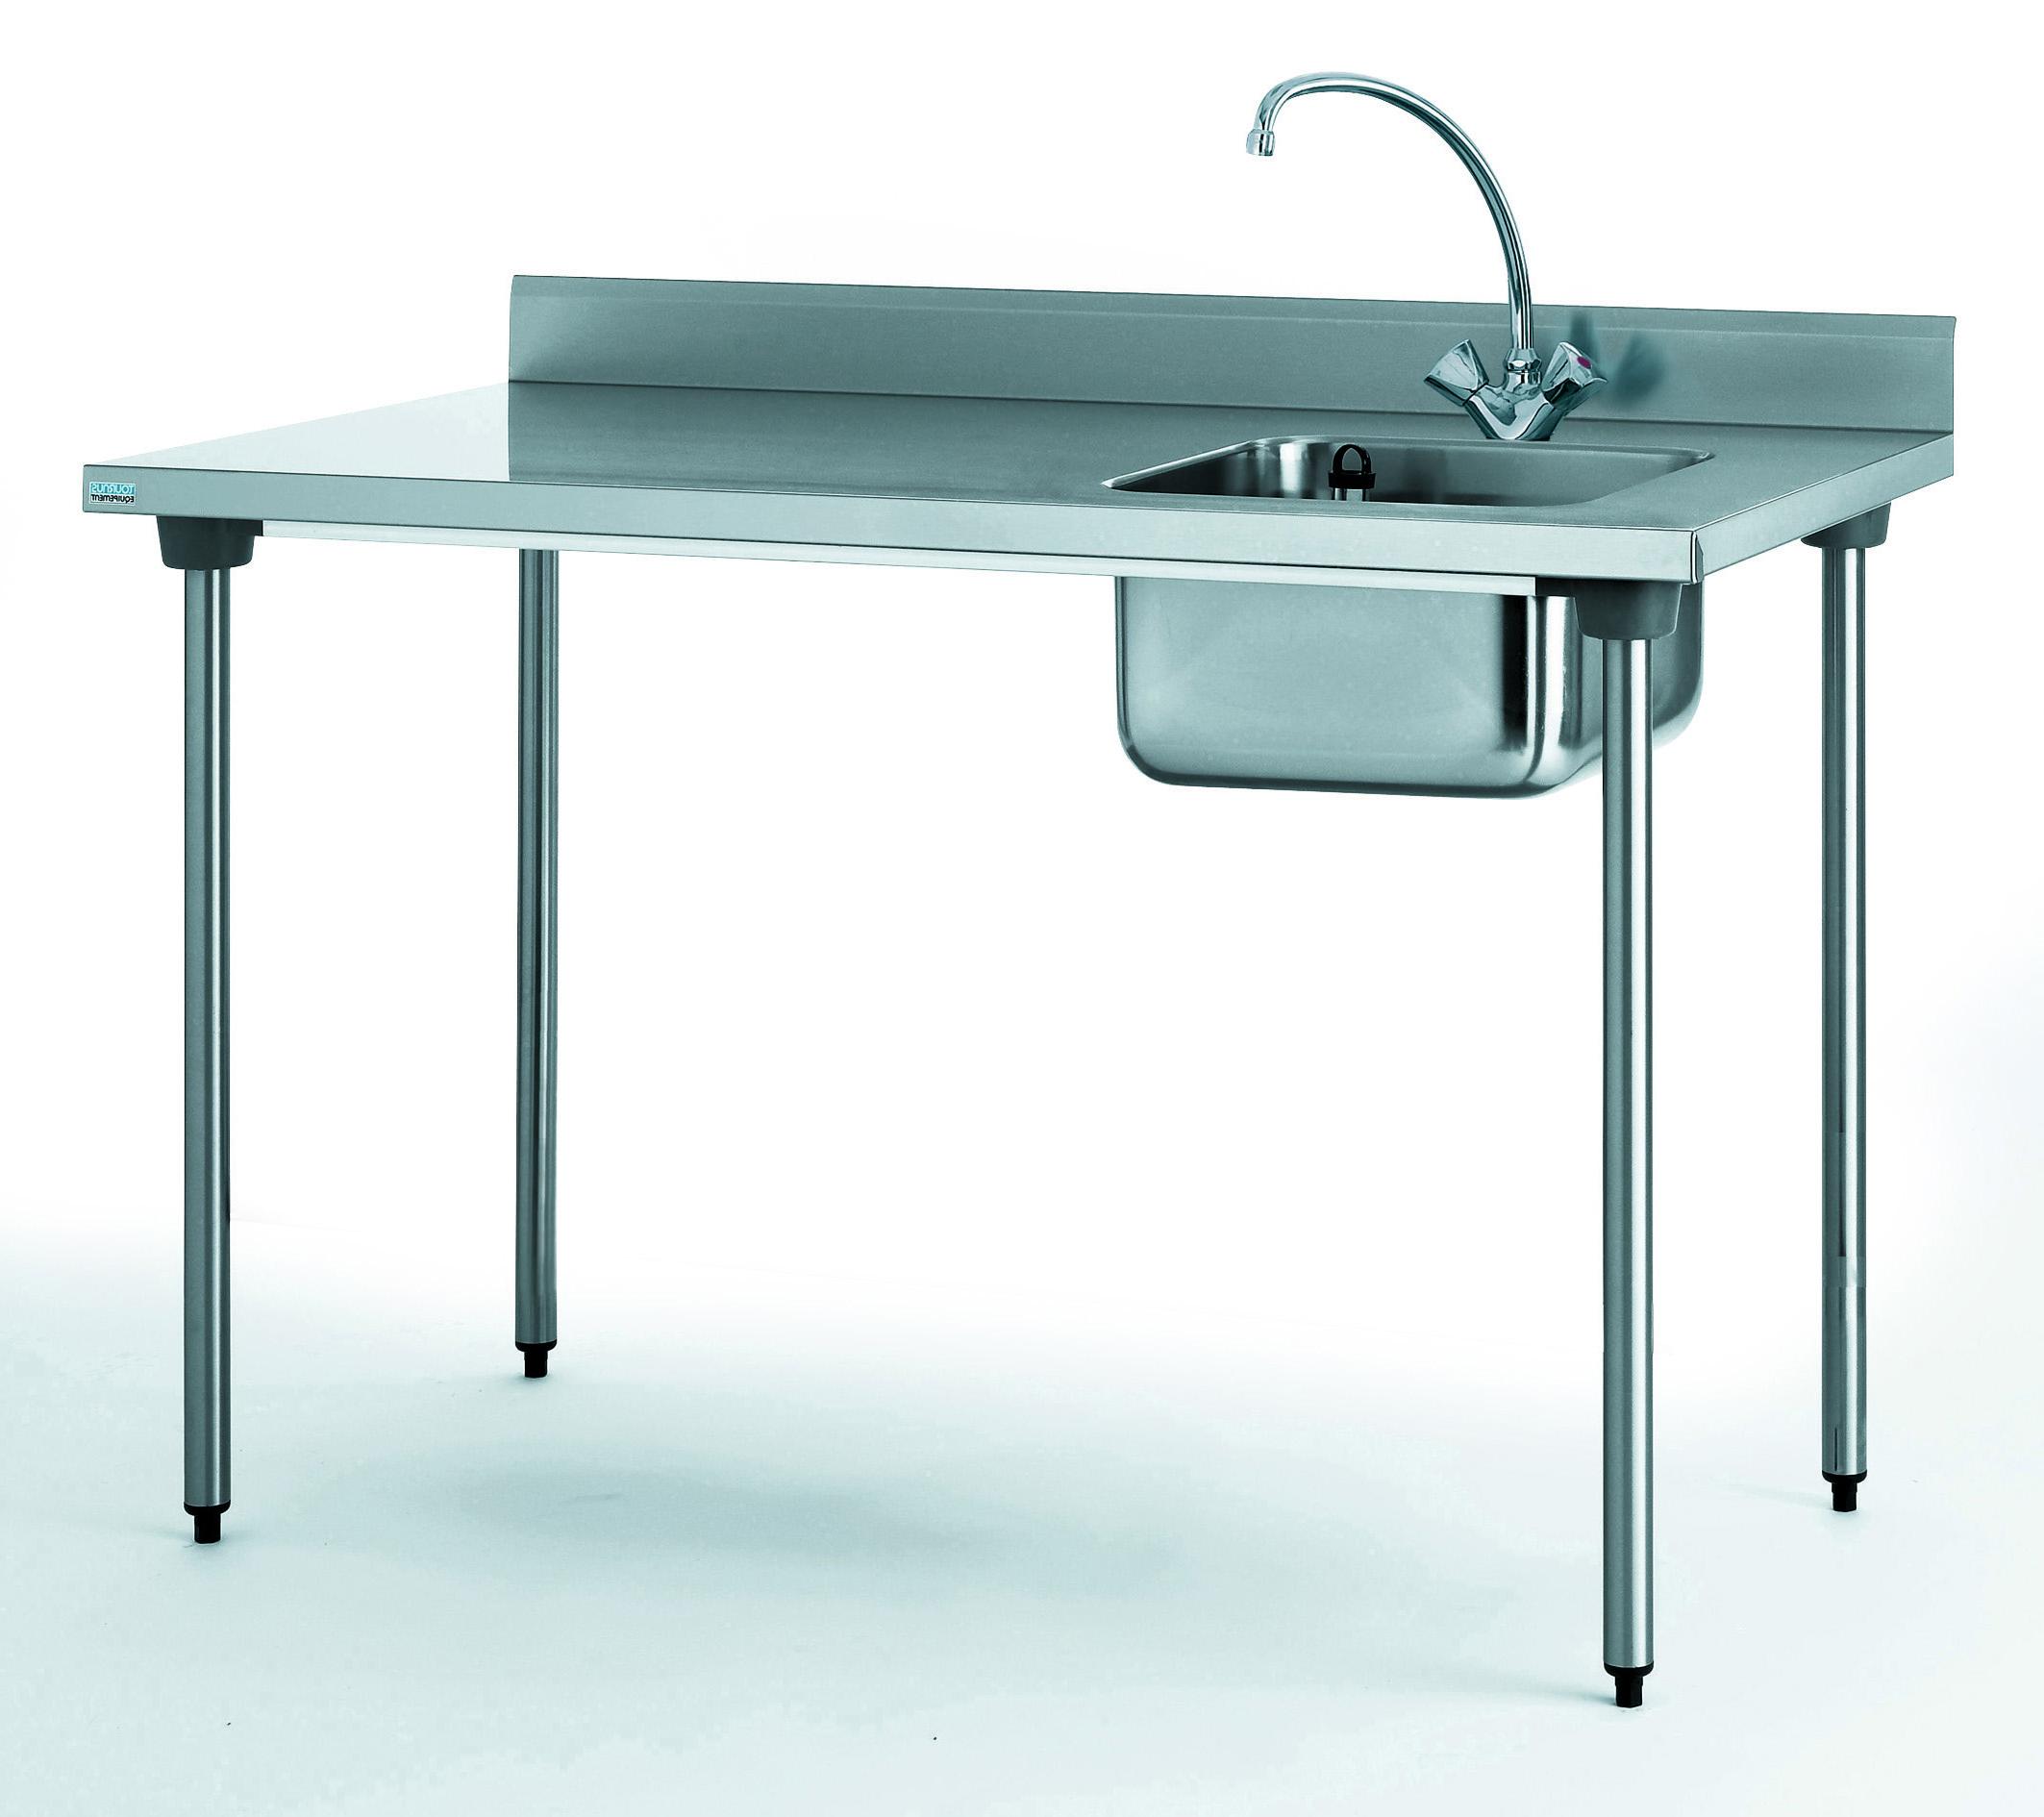 TABLE DU CHEF CHR 1600 BAC BAC A DROITE AVEC ROBINET